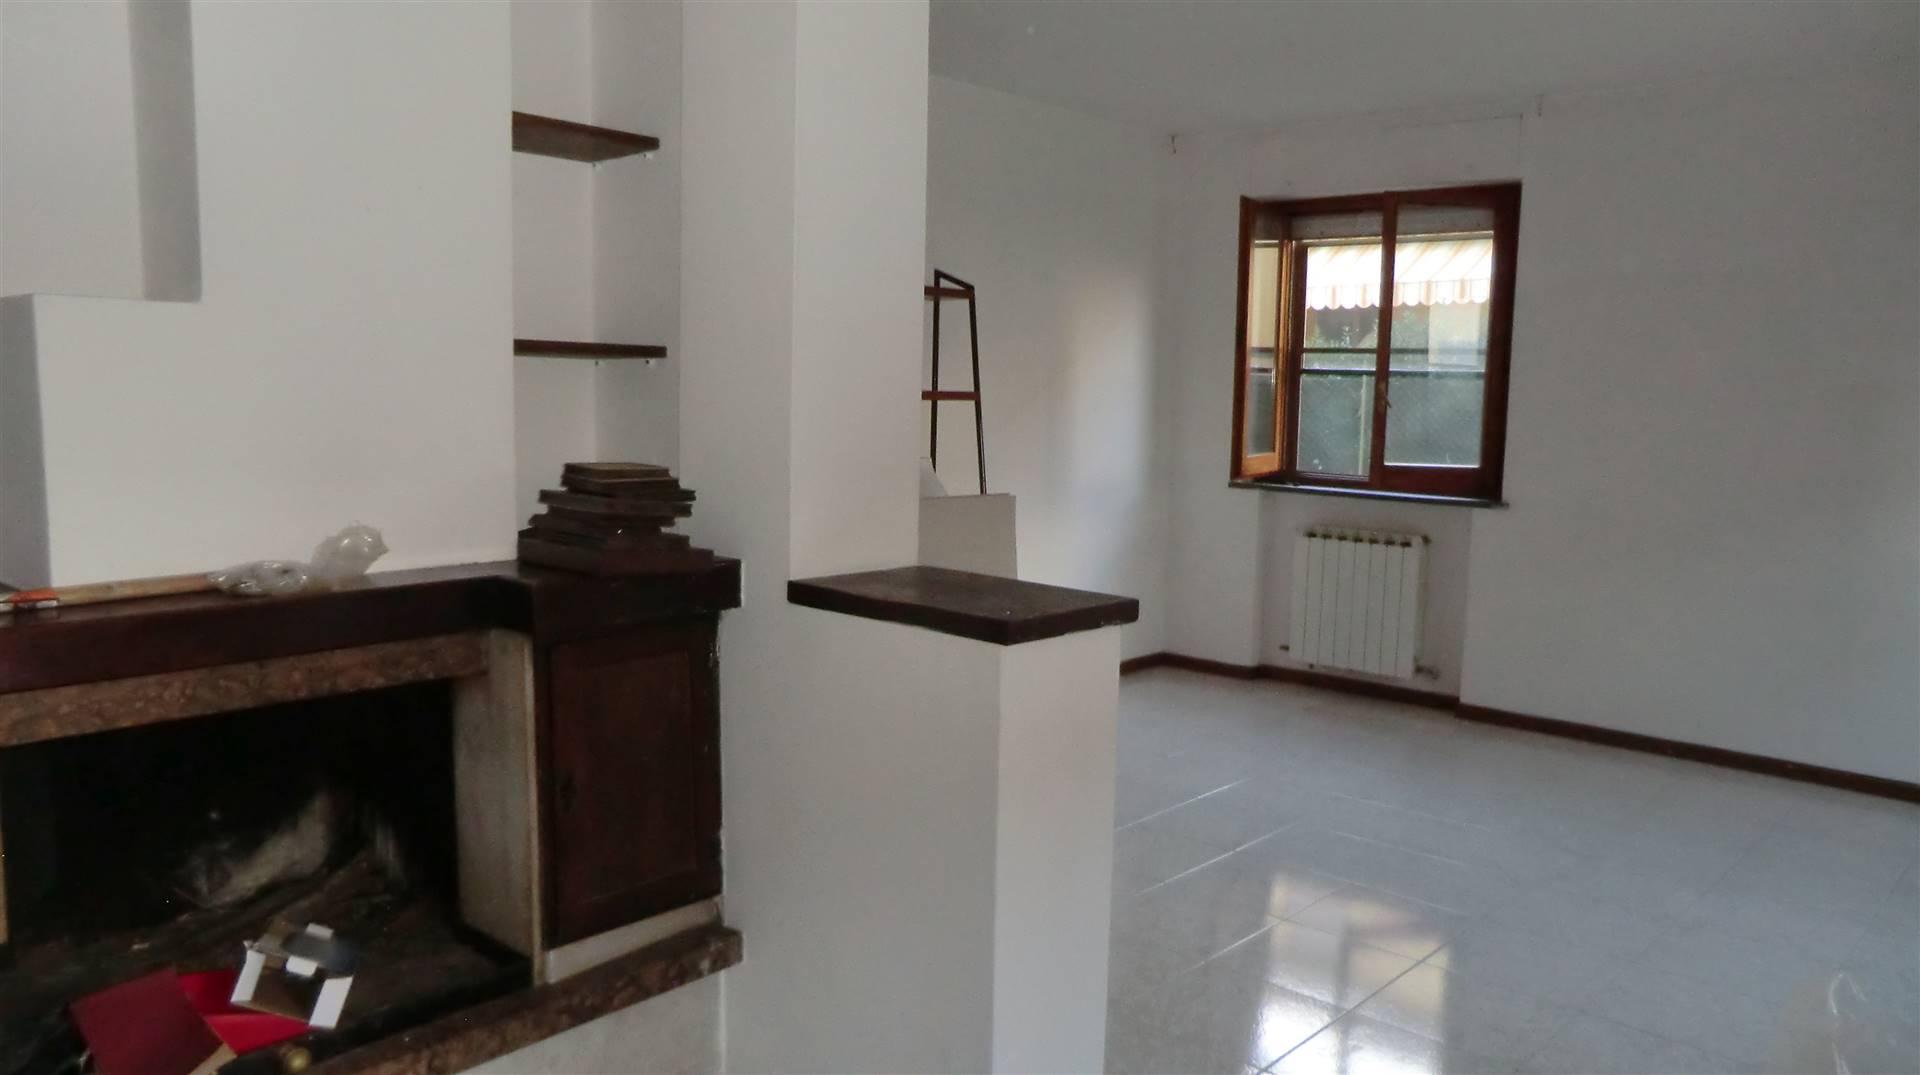 Appartamento in vendita a Spoleto, 4 locali, zona Località: PERIFERIA, prezzo € 125.000 | CambioCasa.it